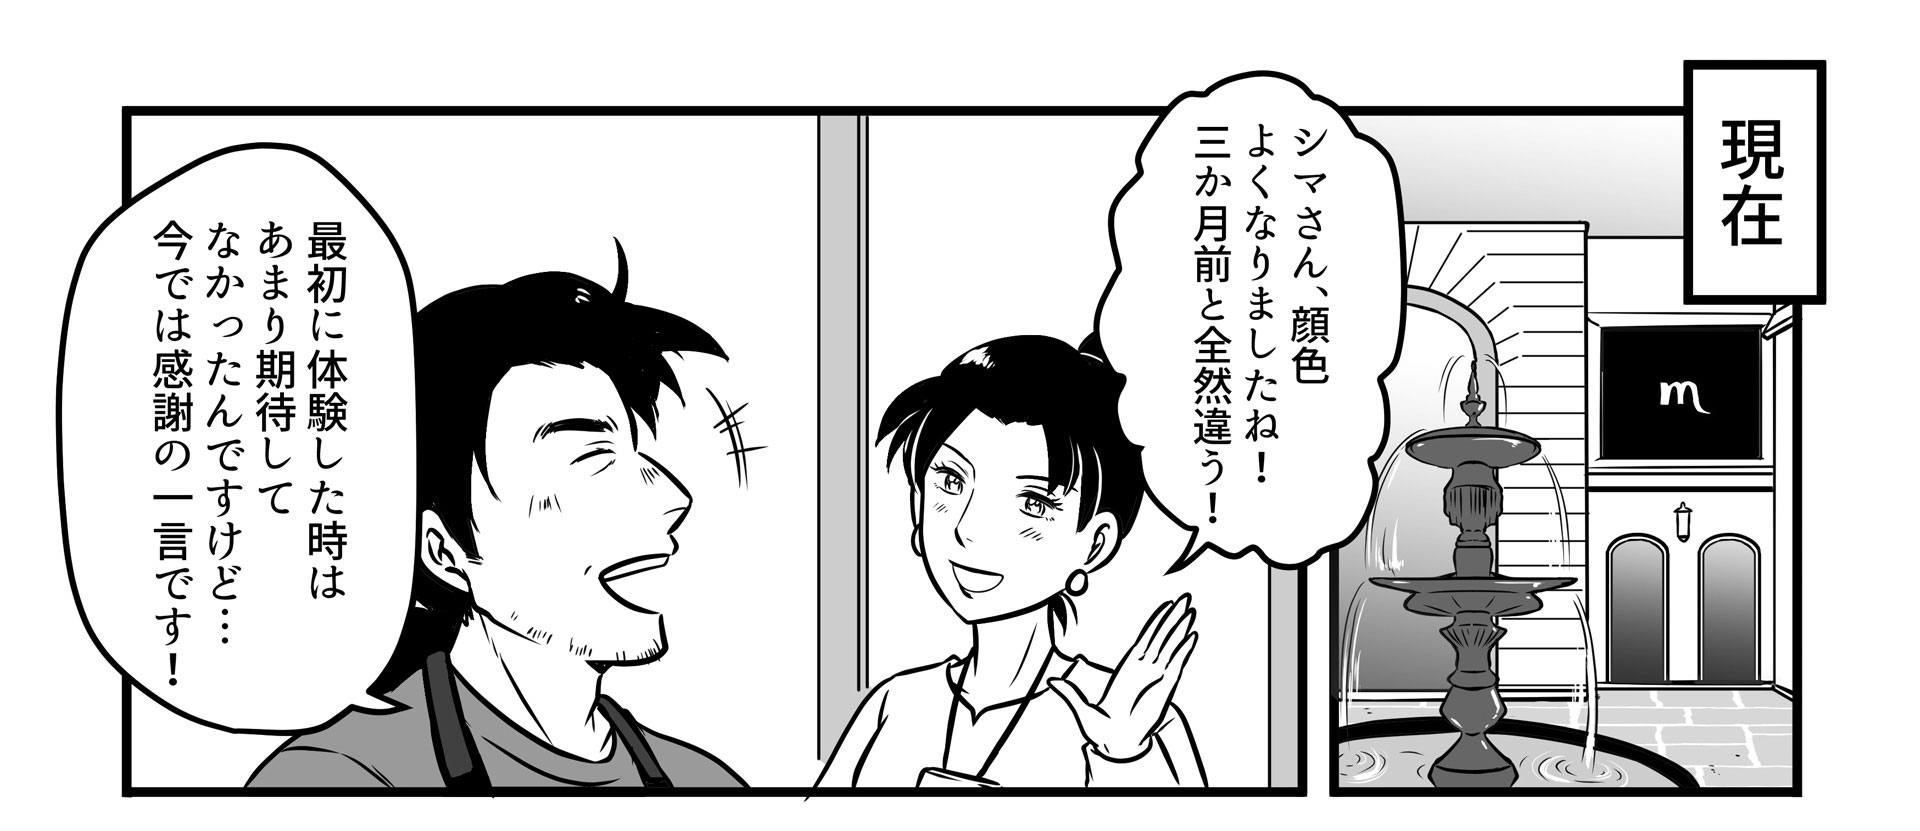 【体験談】あんなにつらかった職業病をコントロール!(3)